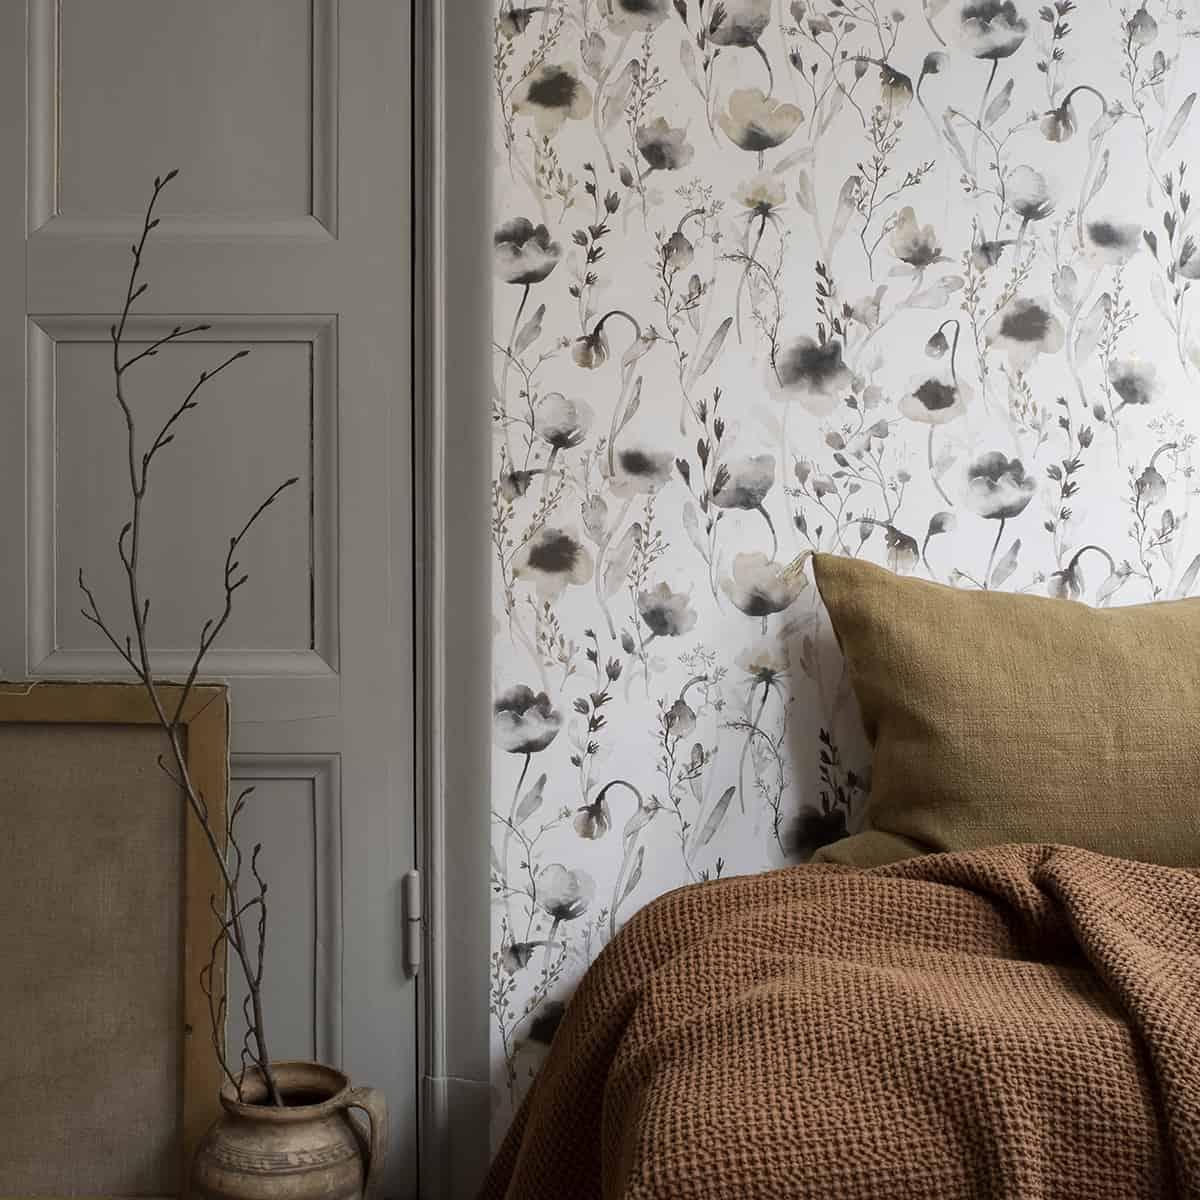 спальня украшена лавандовыми обоями, большой кроватью и декором и серой дверью